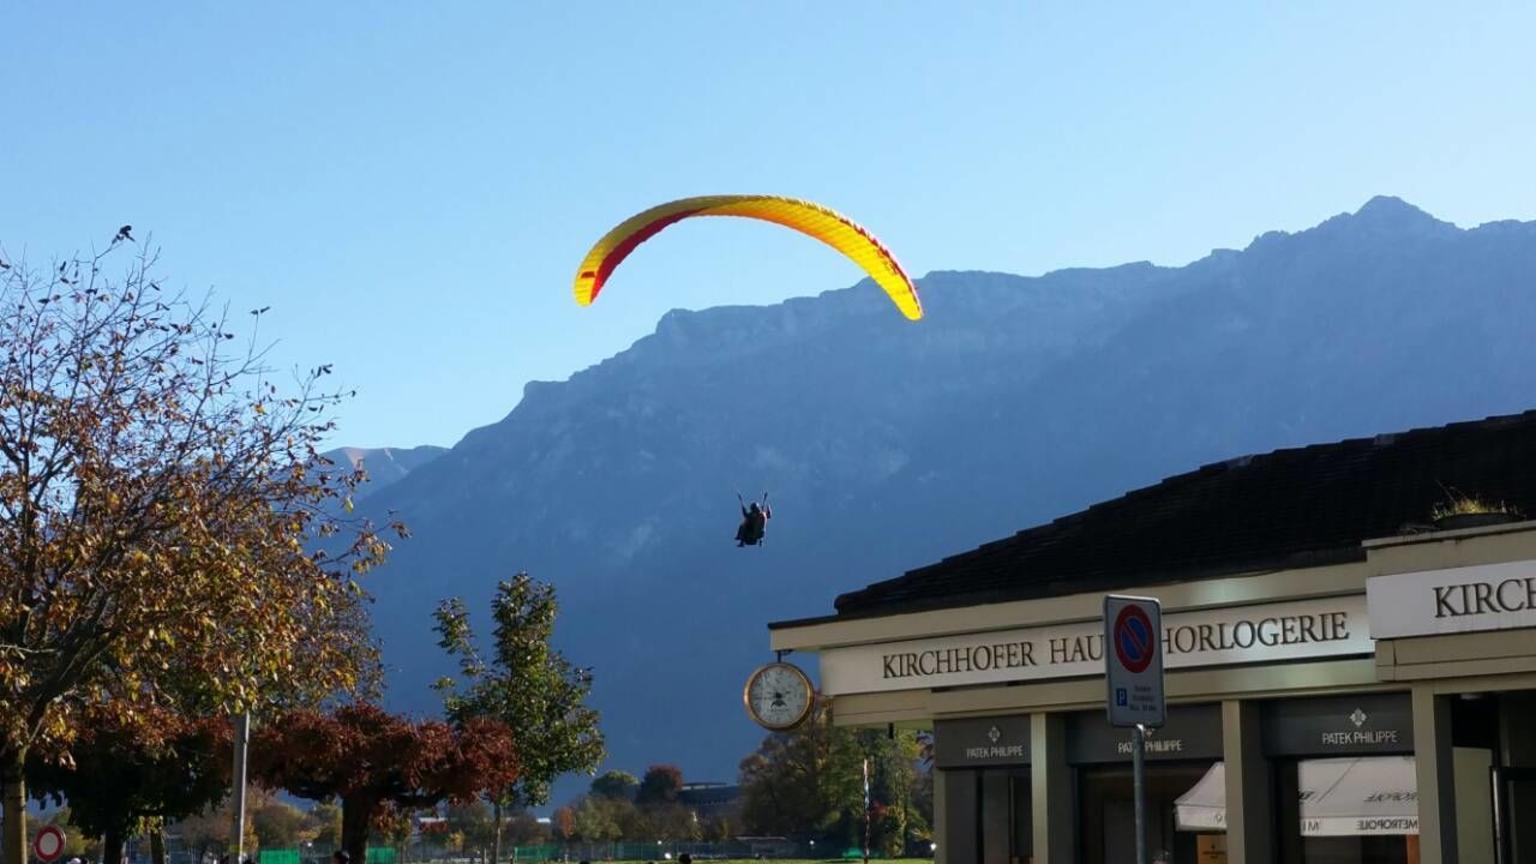 MÁS FOTOS, Excursión de un día a los Alpes suizos desde Zúrich: Jungfraujoch y el Oberland bernés